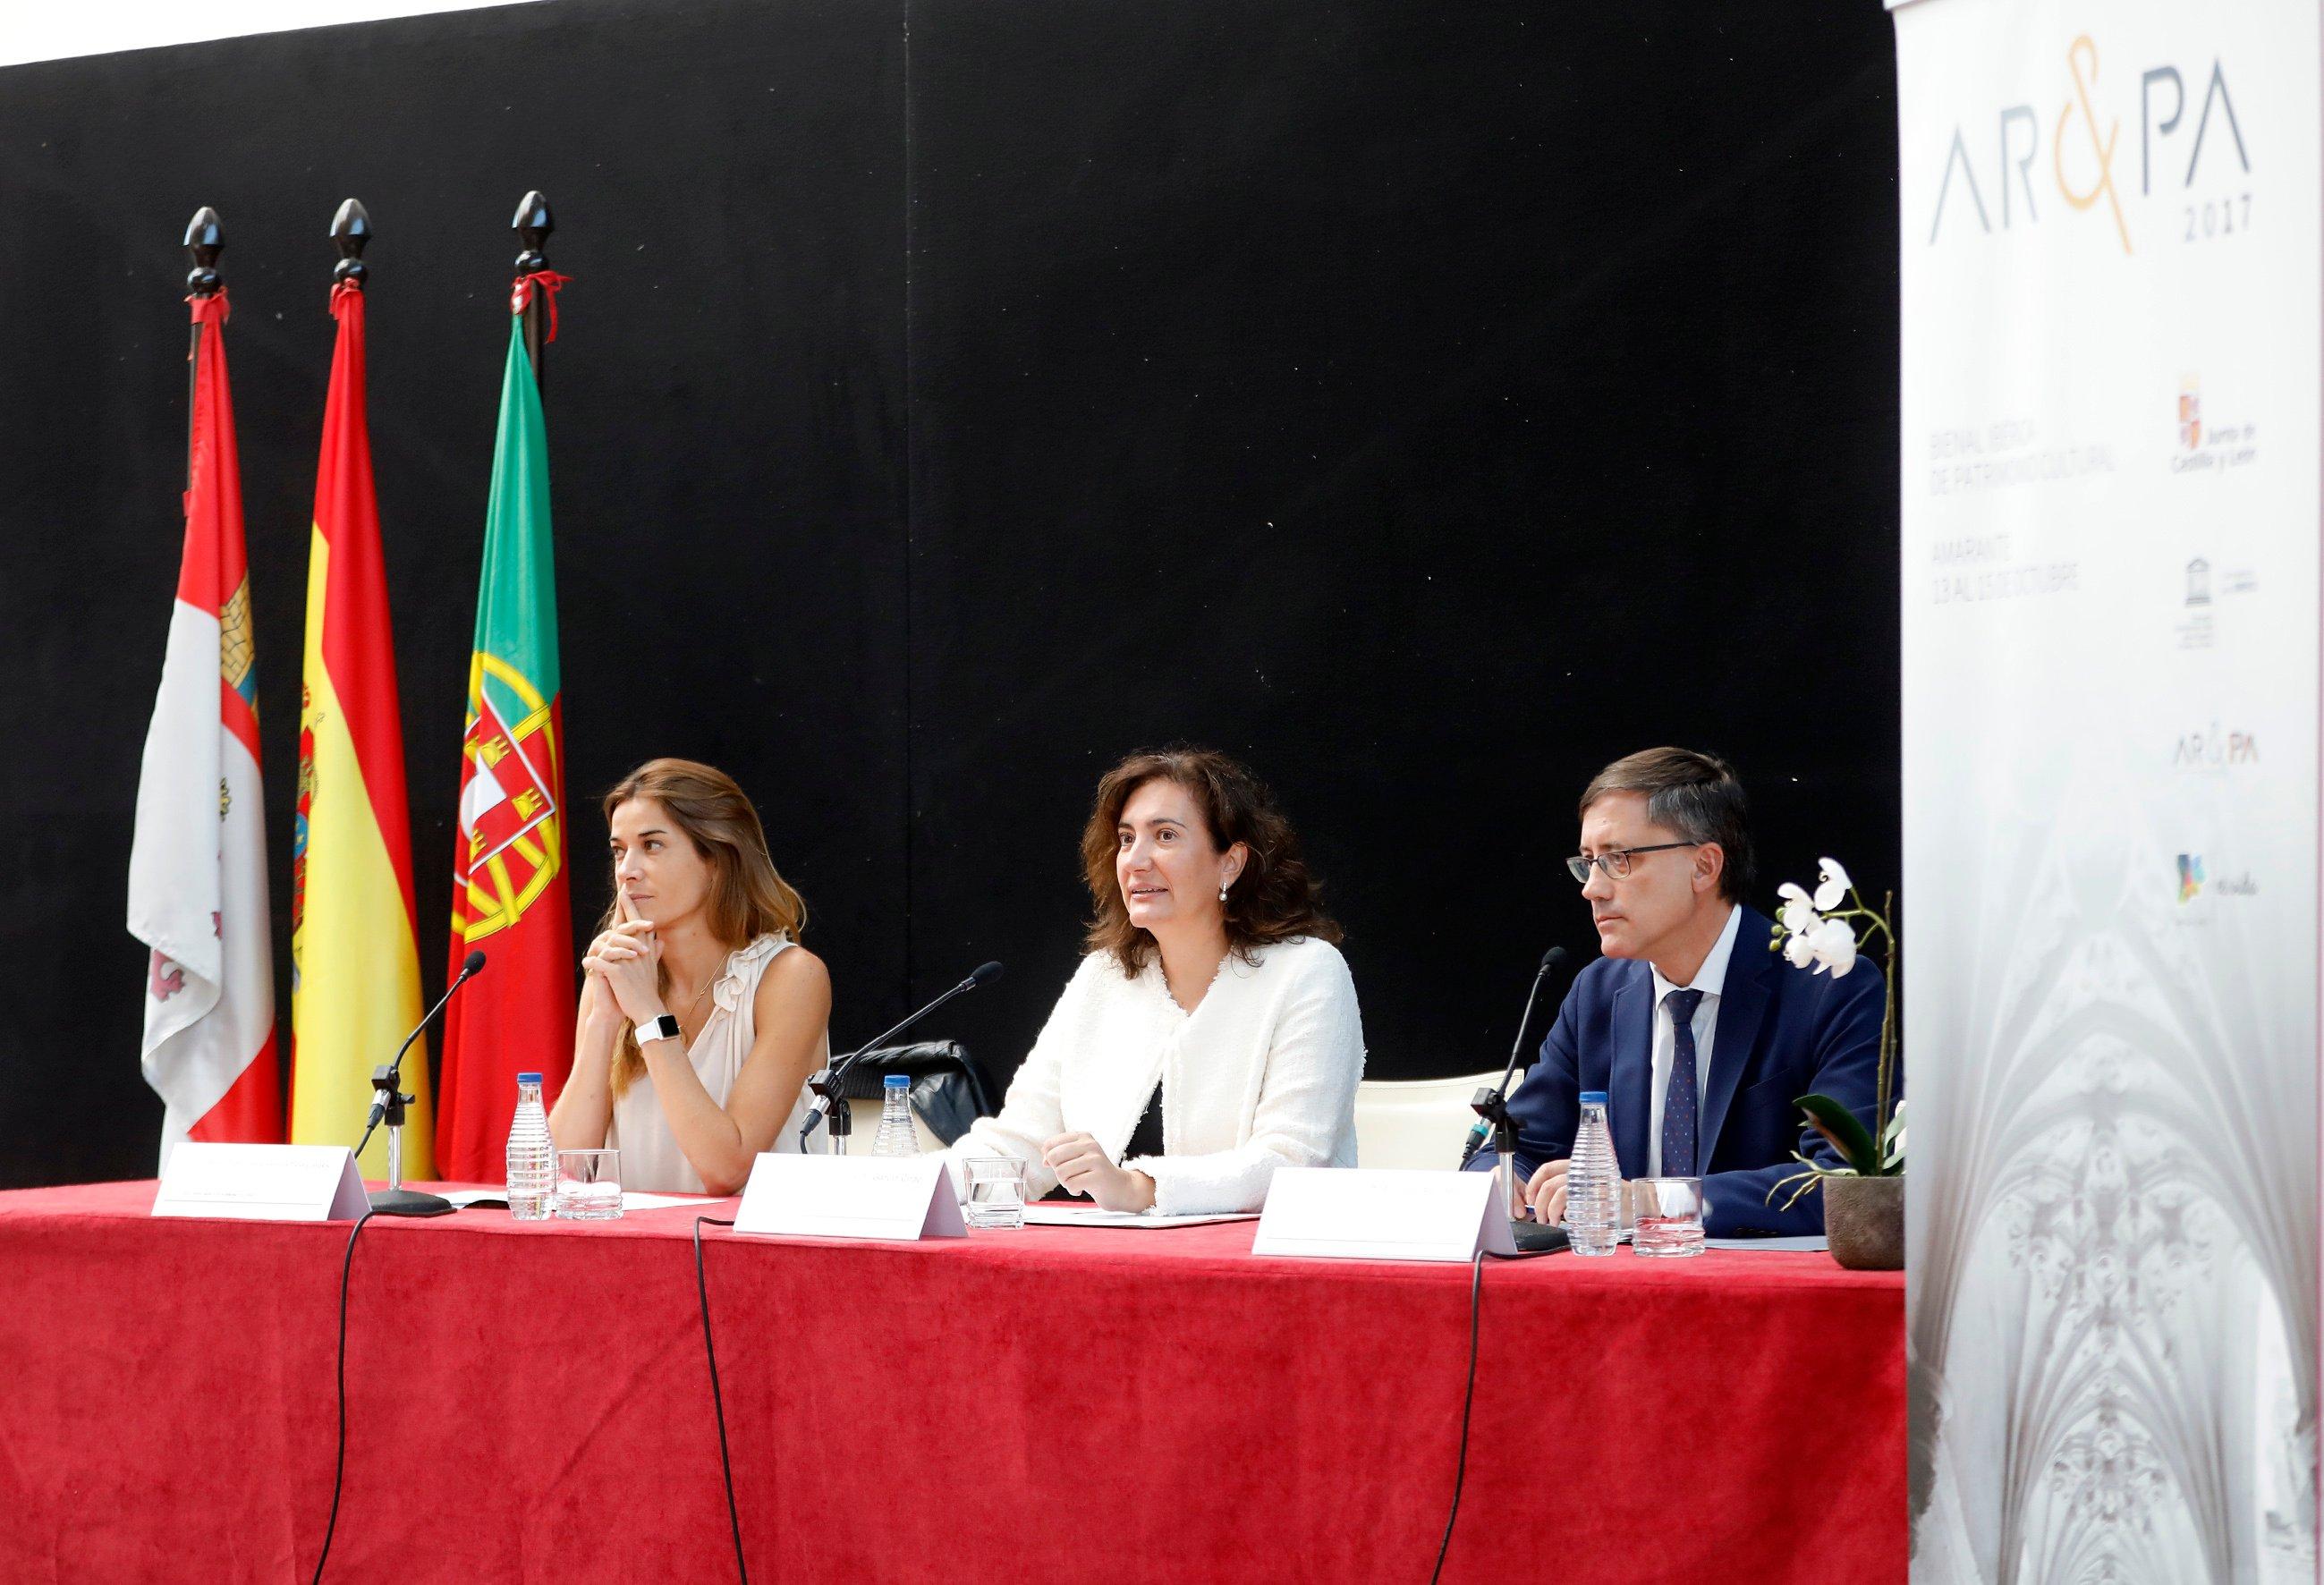 La I Bienal Ibérica AR&PA se celebrará en la localidad portuguesa de Amarante del 13 al 15 de octubre